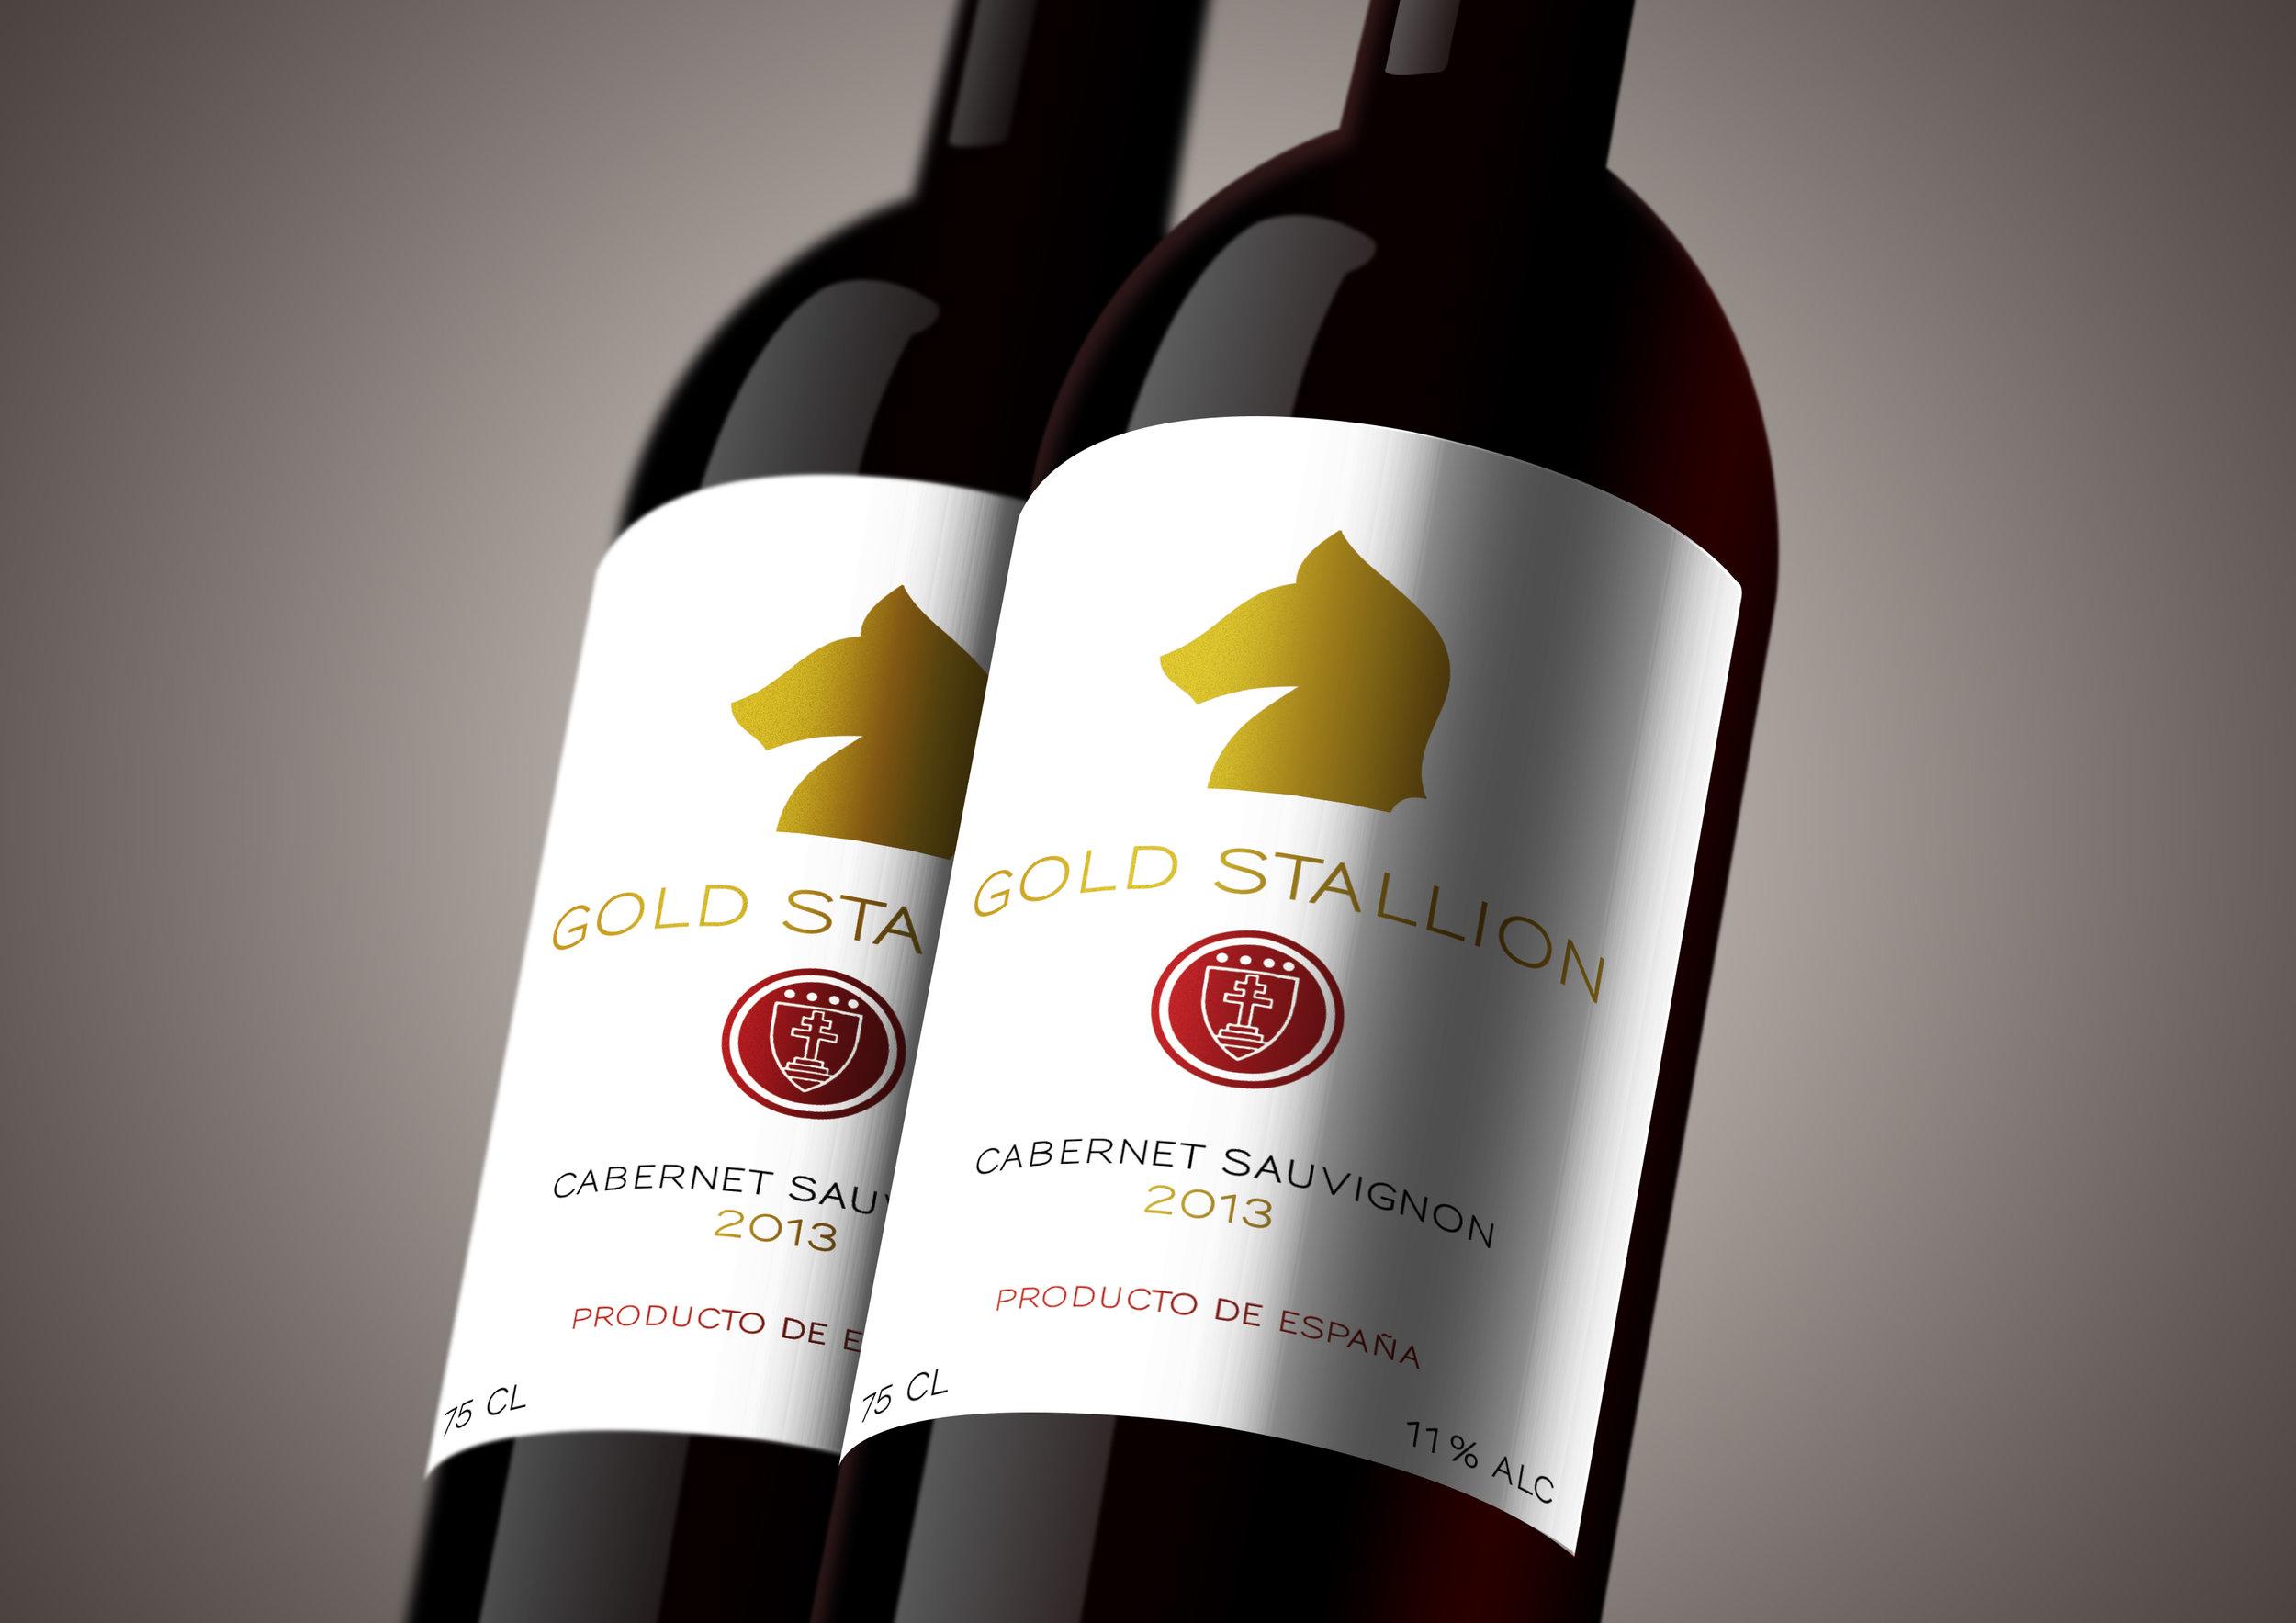 Gold Stallion 2 bottle shot.jpg